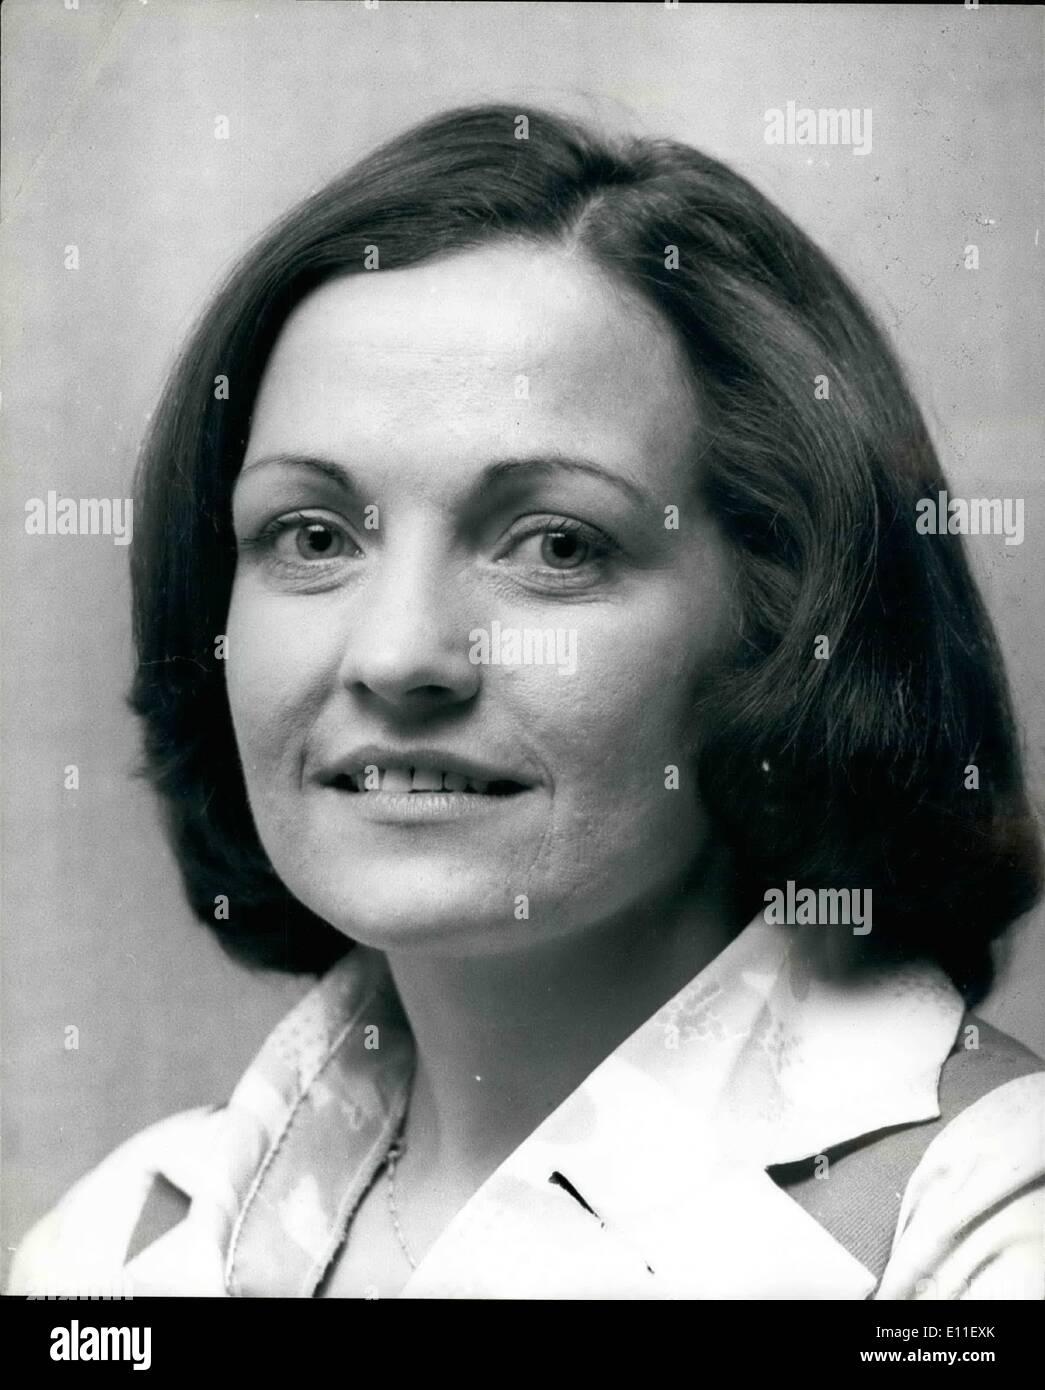 10 octobre 1977 - Les femmes leaders du mouvement de la paix de l'Ulster reçu le Prix Nobel de la paix: le prix Nobel de la paix a été décerné hier à la femme qui a fondé le mouvement de la paix de l'Ulster. Ils sont Betty Williams et Mairead Corrigan, et le prix sera d'une valeur de plus de 5 000. Phot Mairead Corrigan montre l'une des deux femmes leaders du mouvement de la paix de l'Ulster qui ont reçu le Prix de la paix;l Nobe. Photo Stock